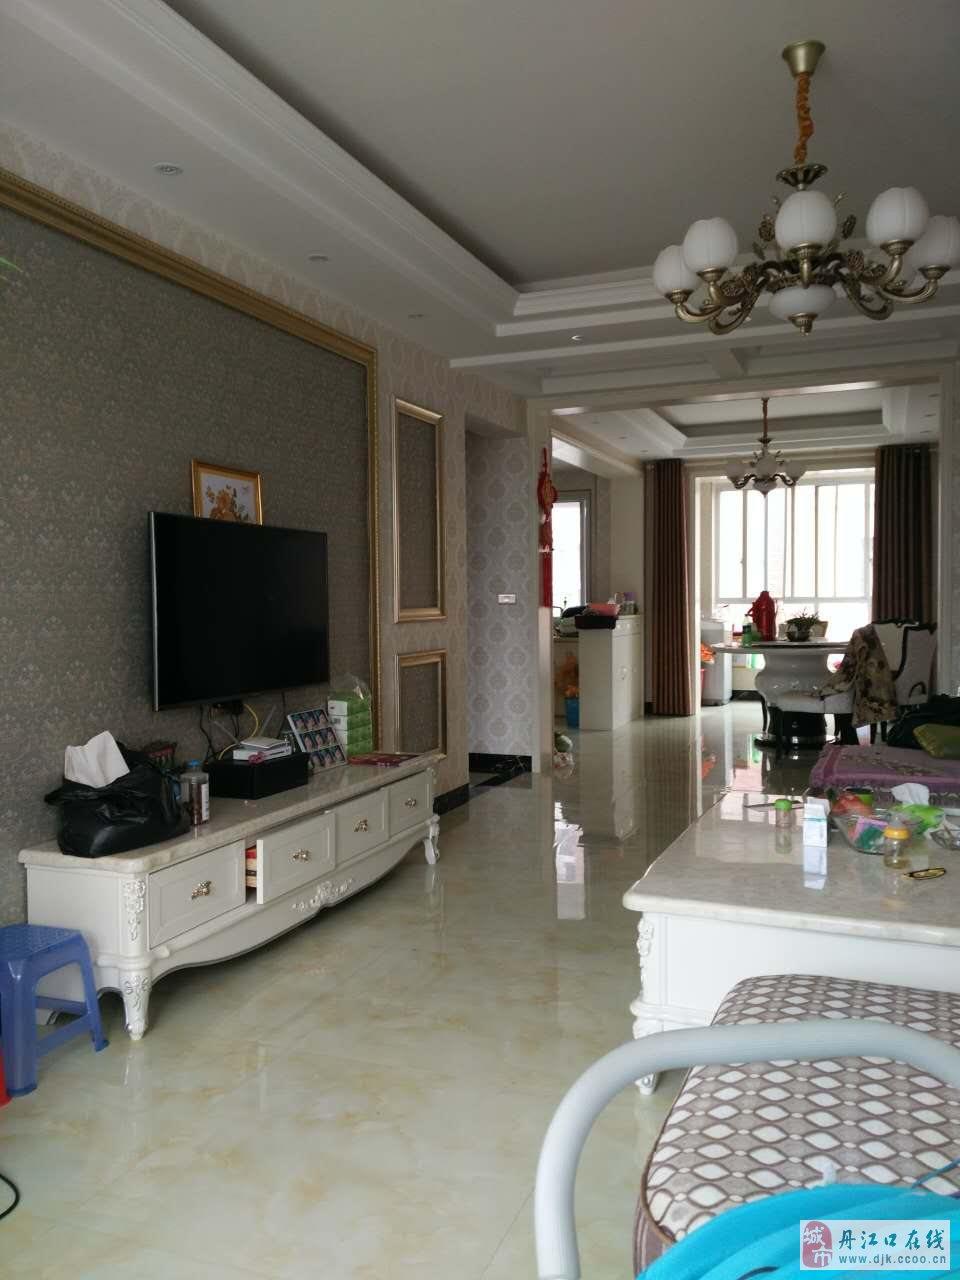 鸿昌玉景园三室二厅